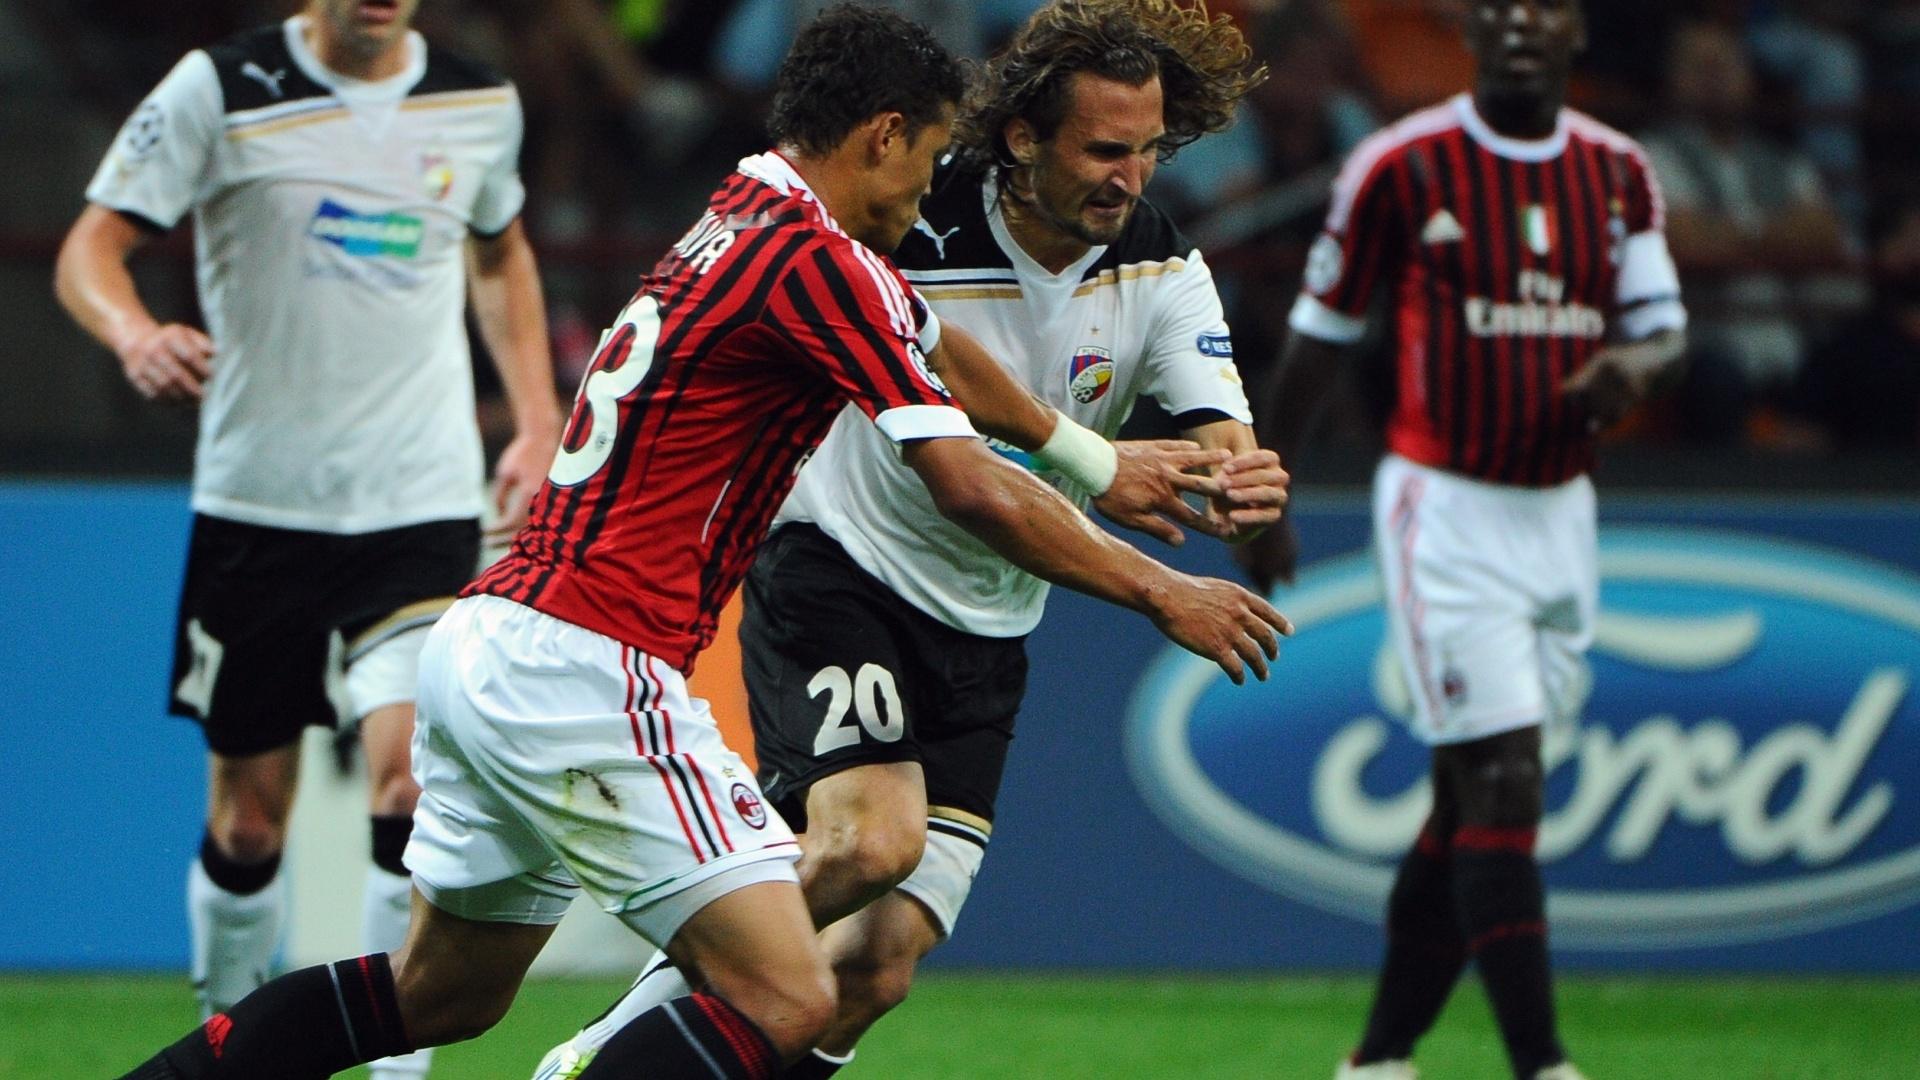 Thiago Silva tenta marcar o meio-campo Petr Jiracek durante partida entre Milan e Viktoria Plzeò